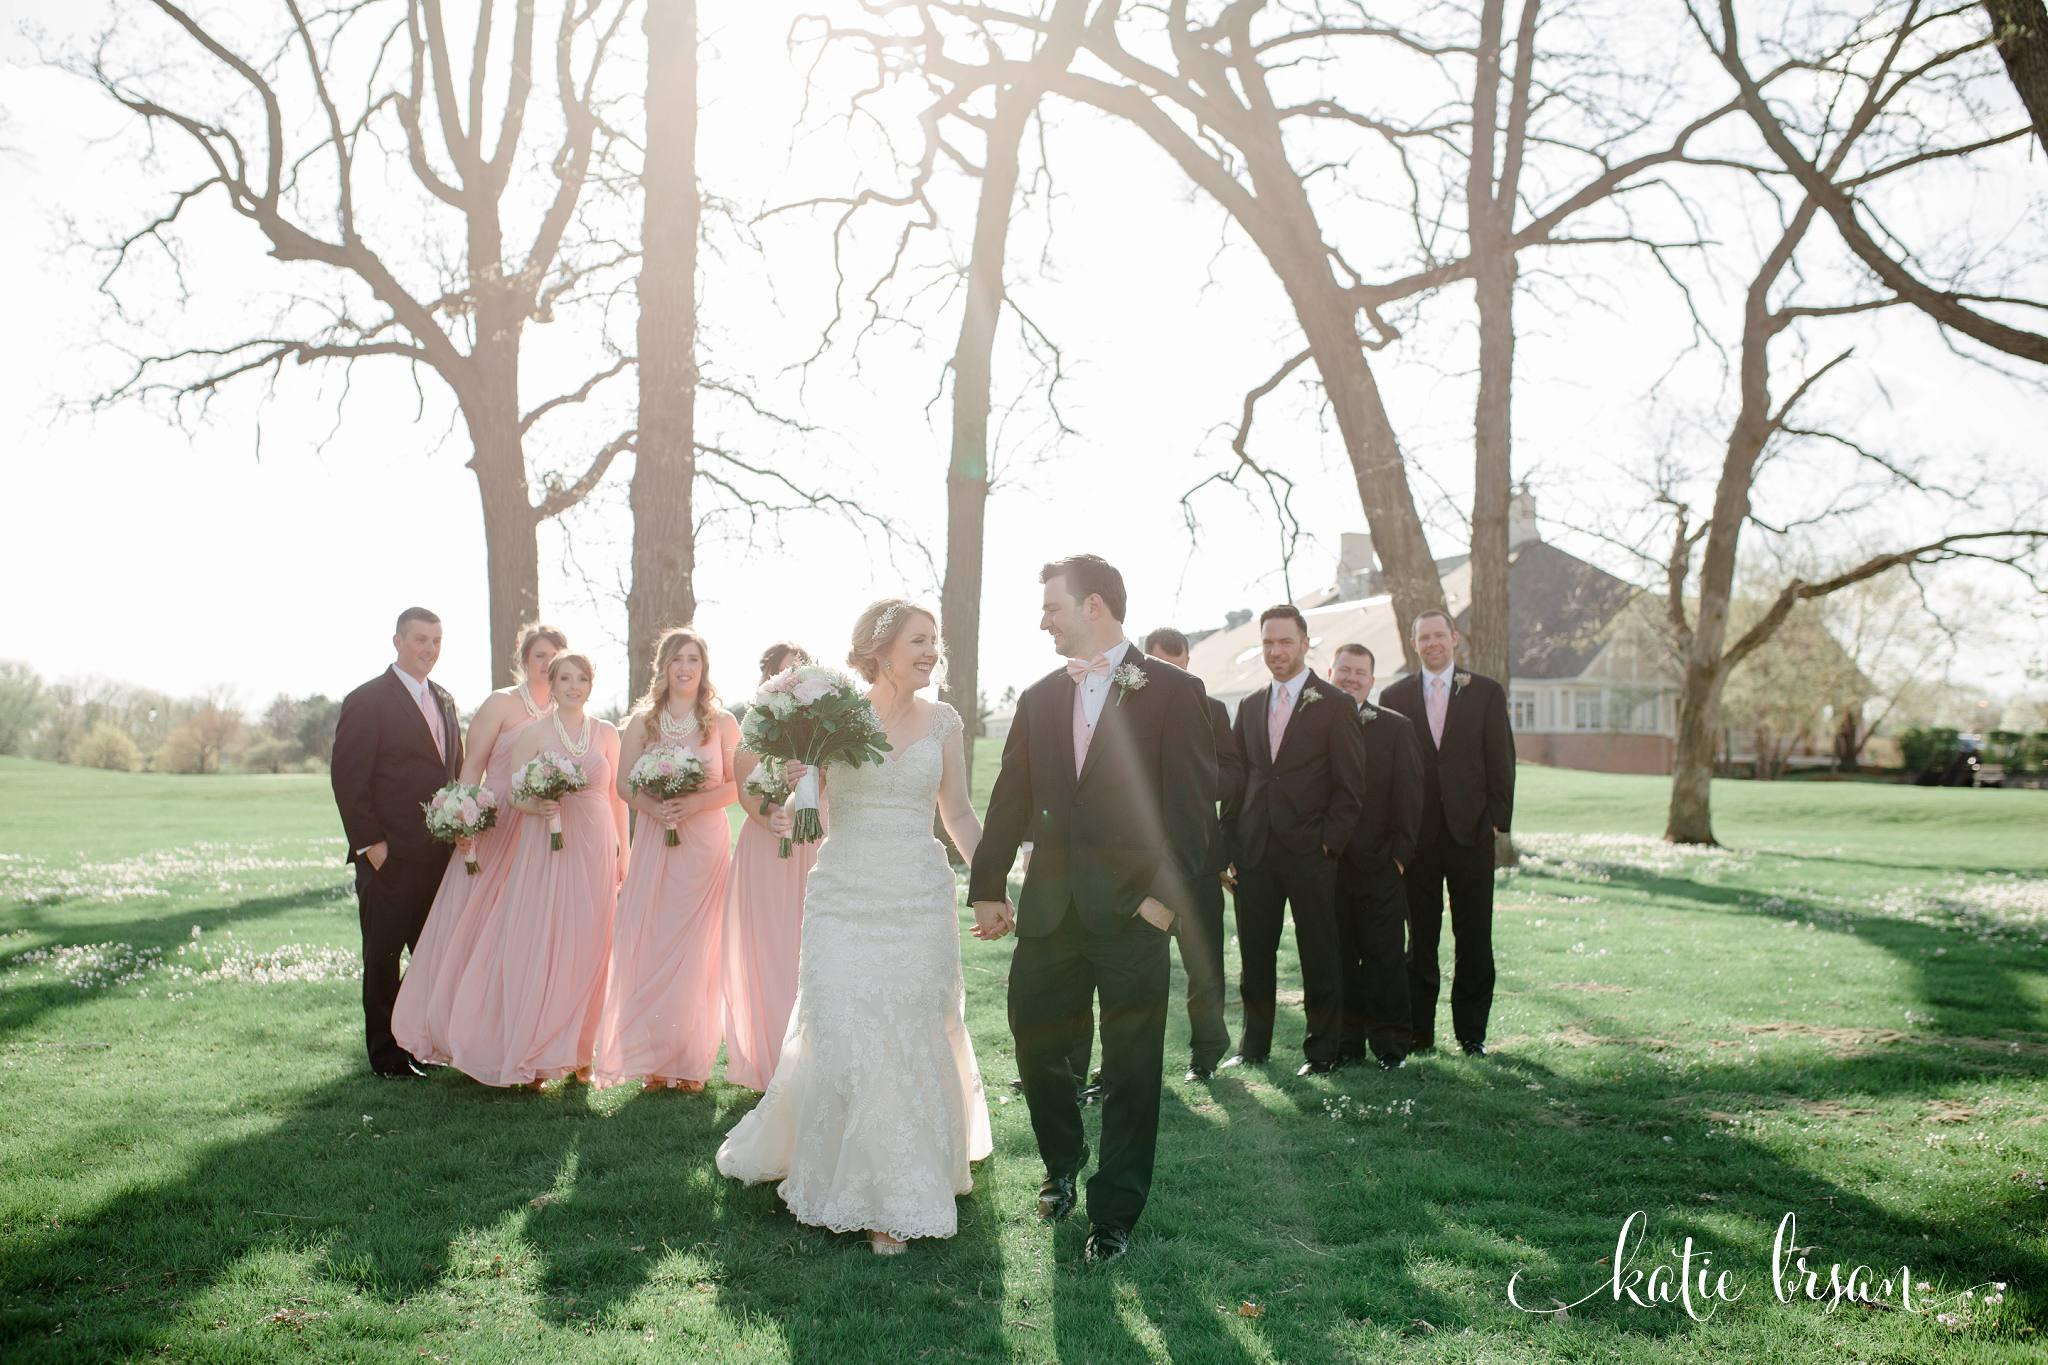 Mokena_Lemont_Wedding_Ruffled_Feathers_Wedding_1376.jpg